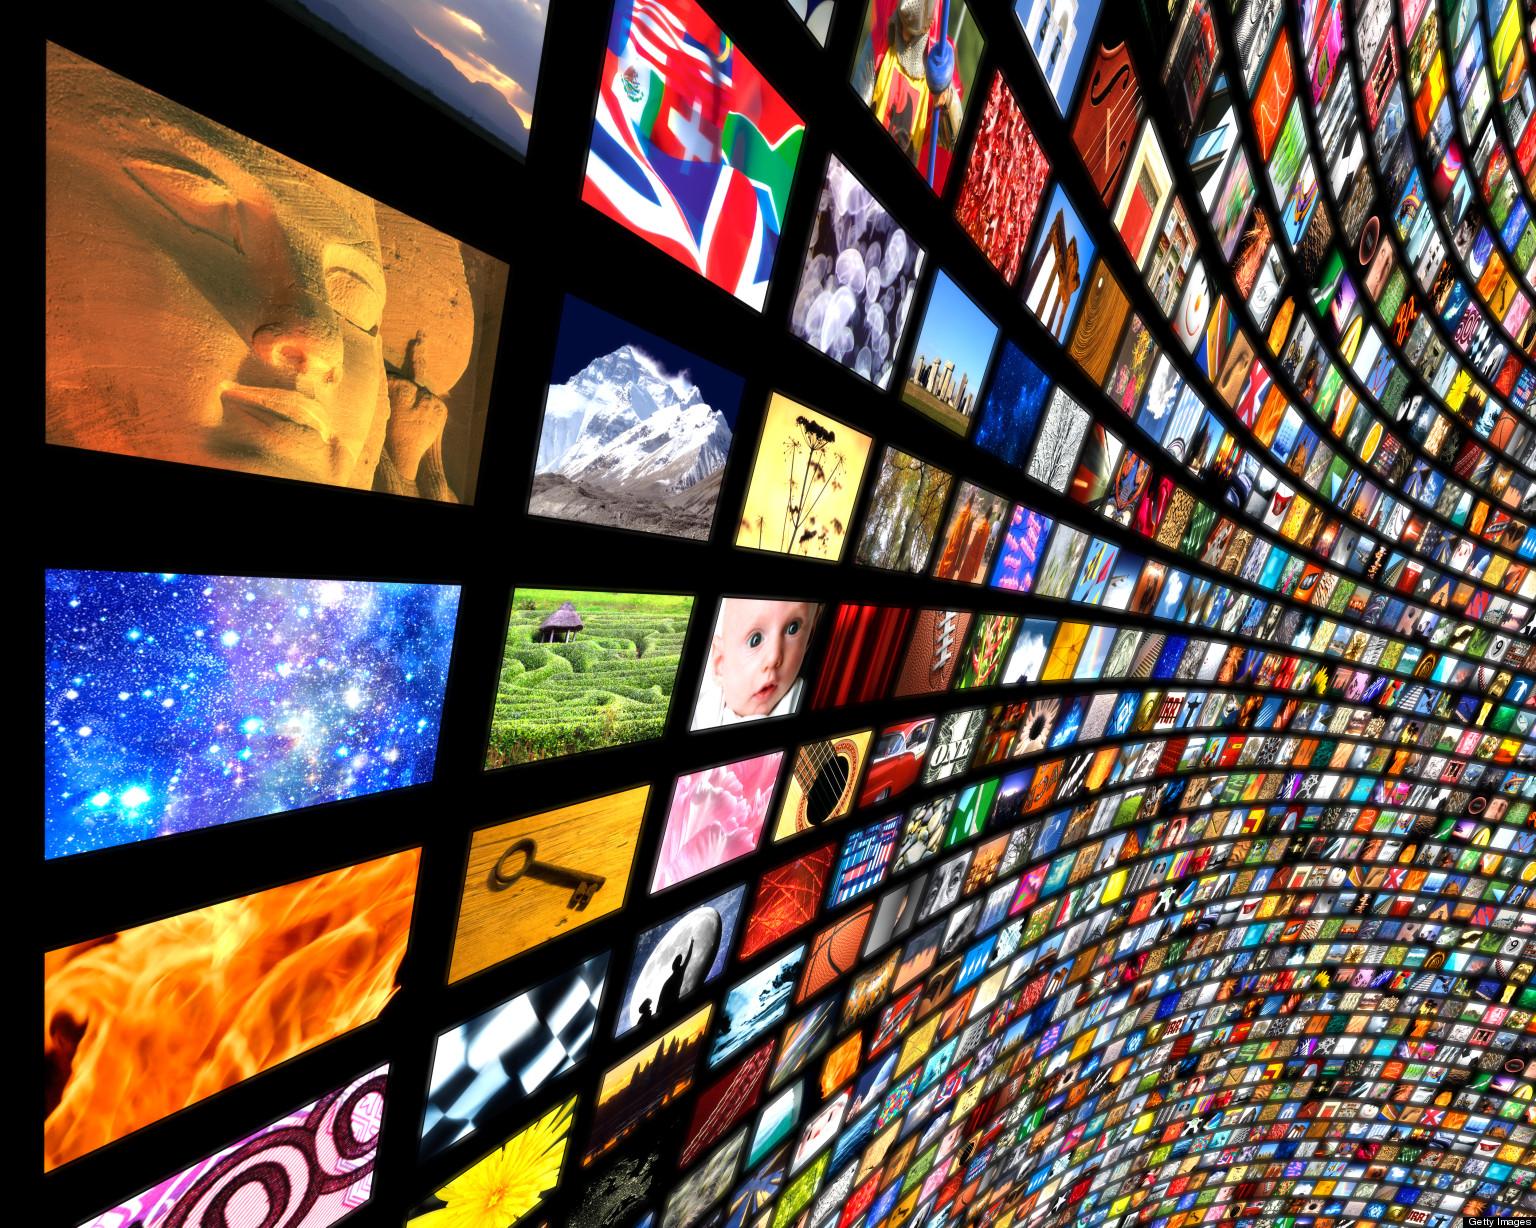 Media Embodiment